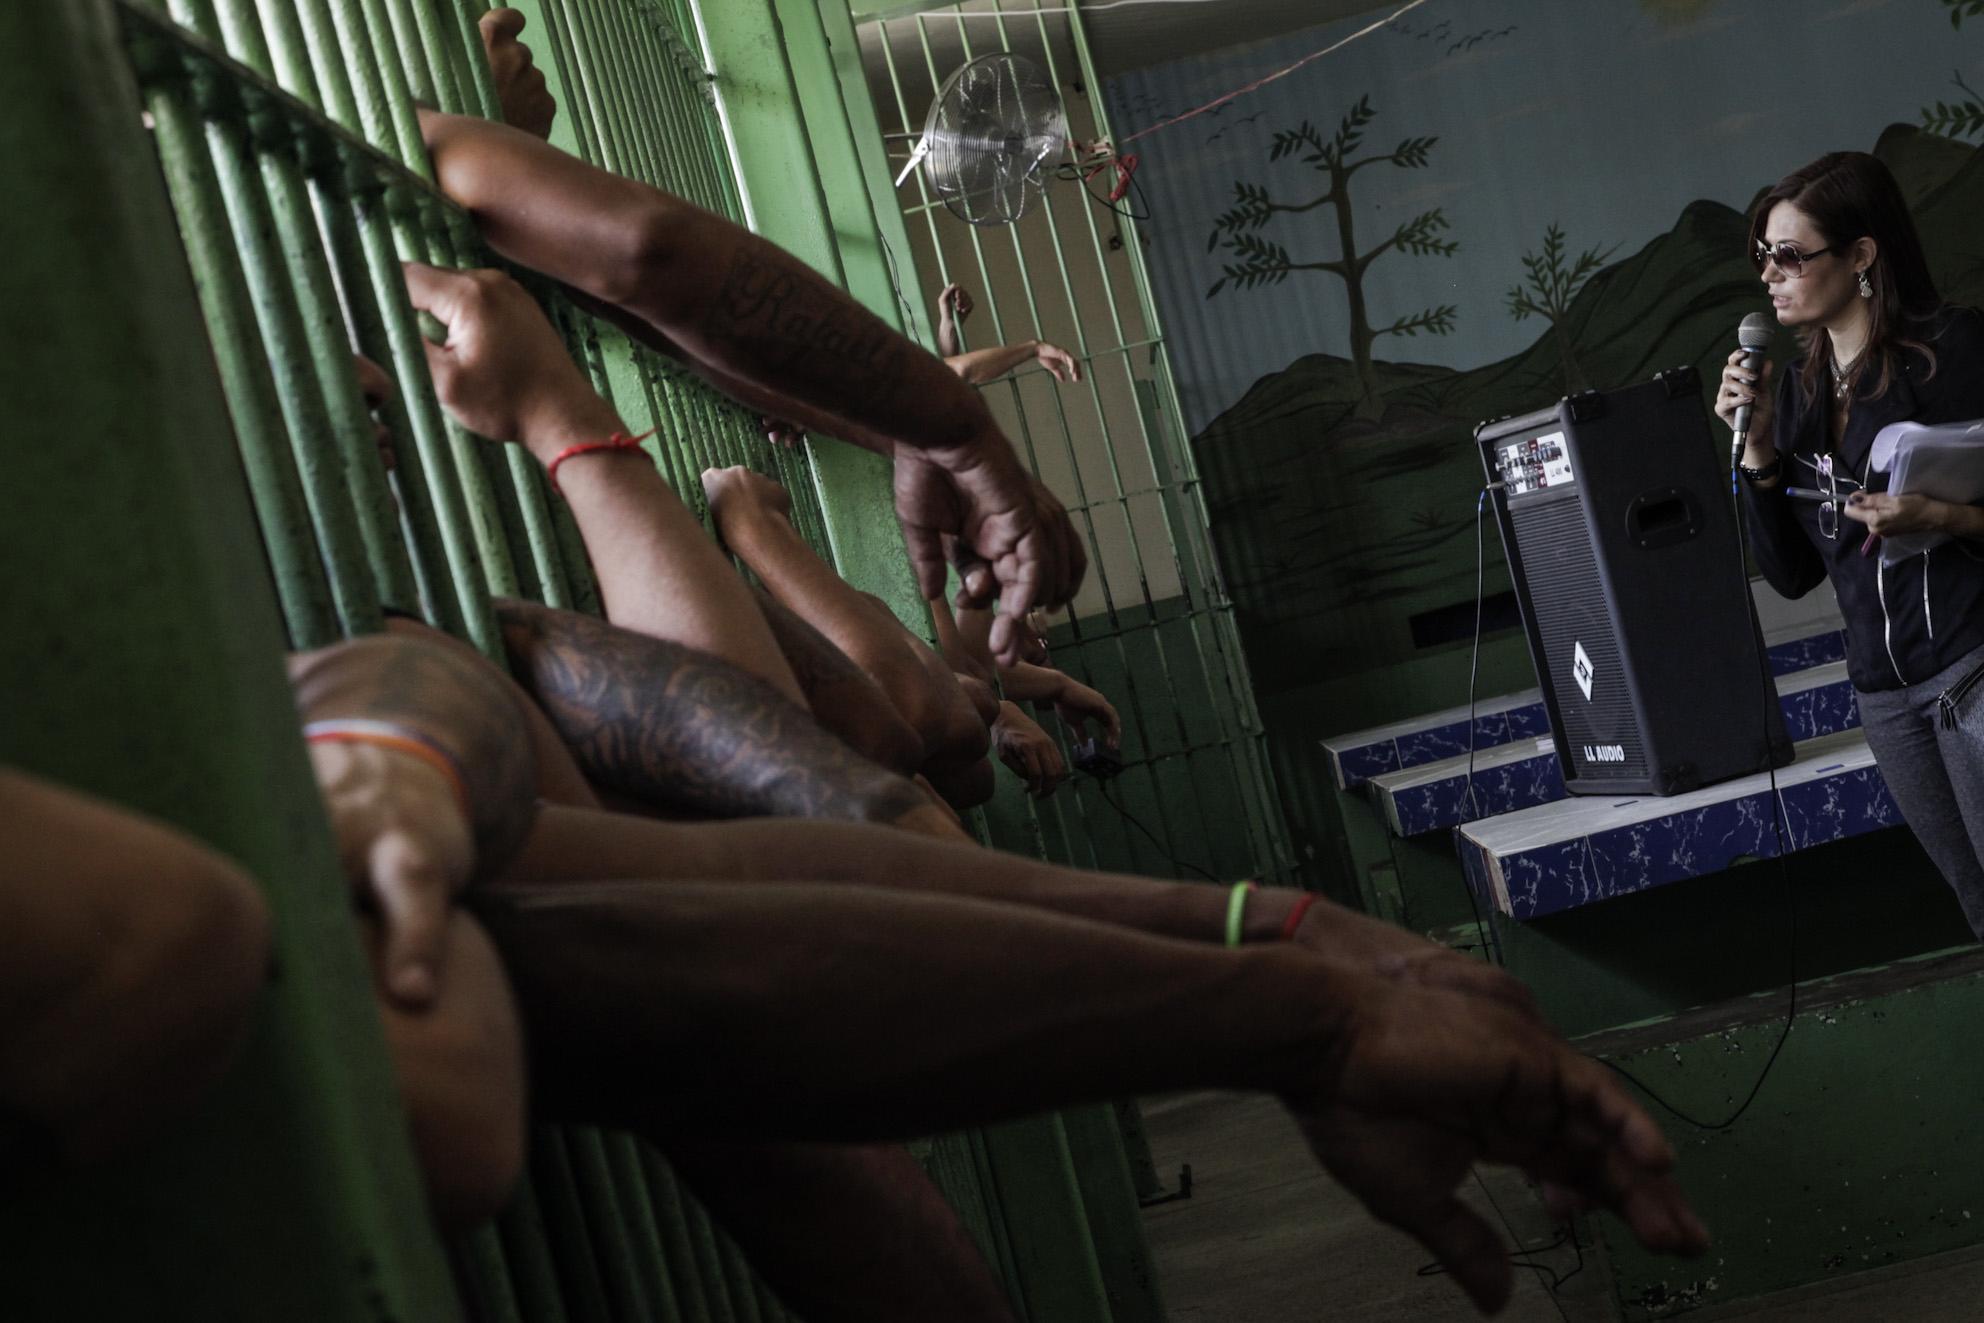 Situação no Compaj era crítica, diz Secretaria de Direitos Humanos